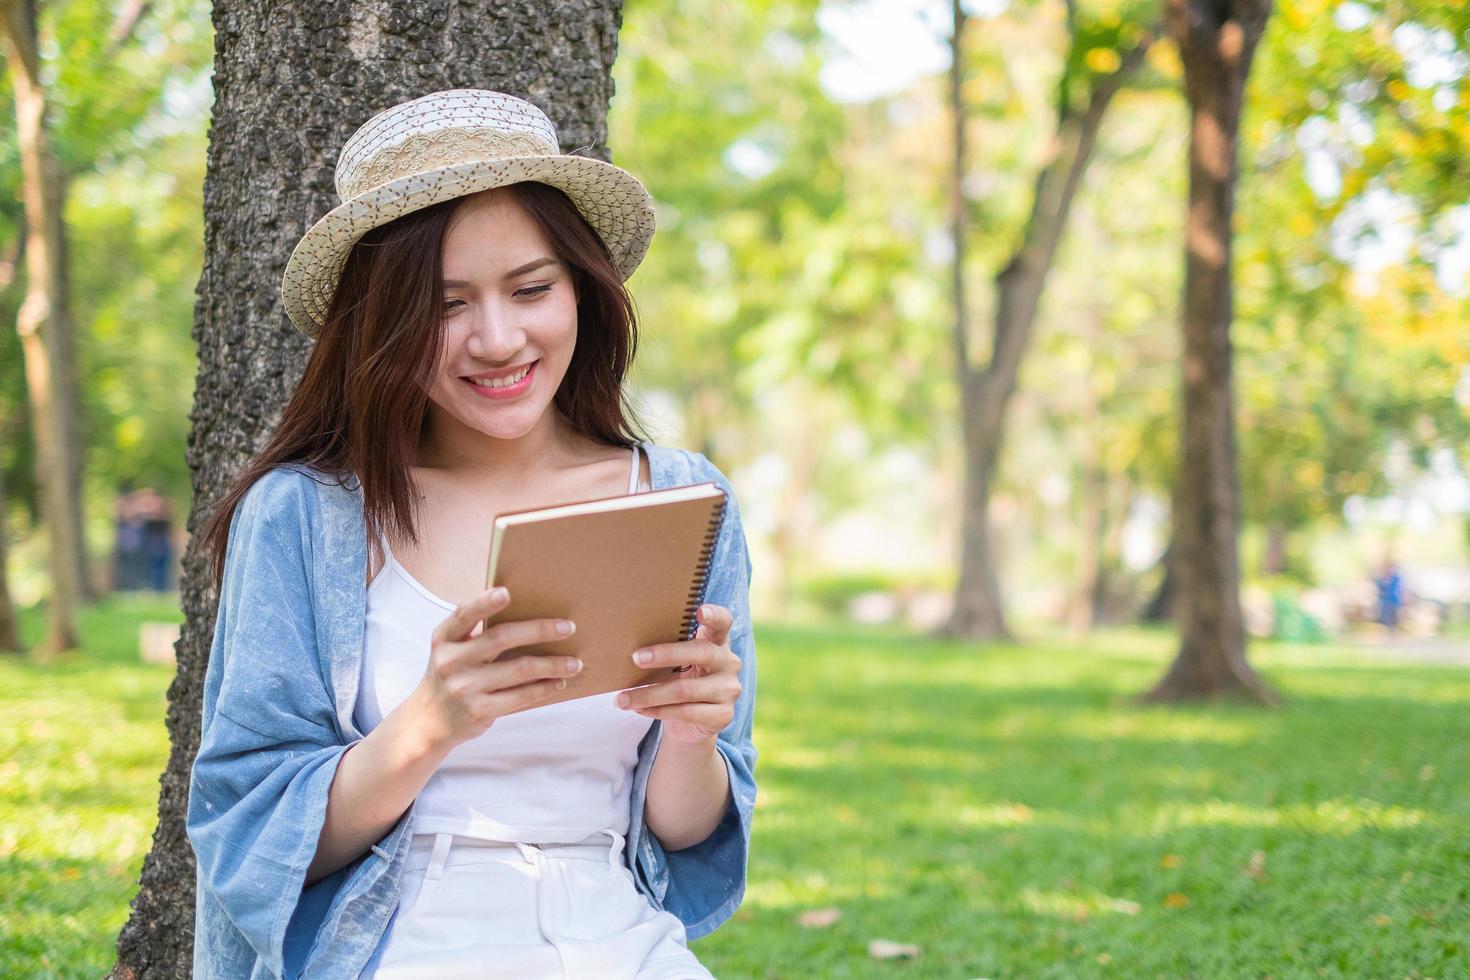 donna che guarda il notebook nel parco foto